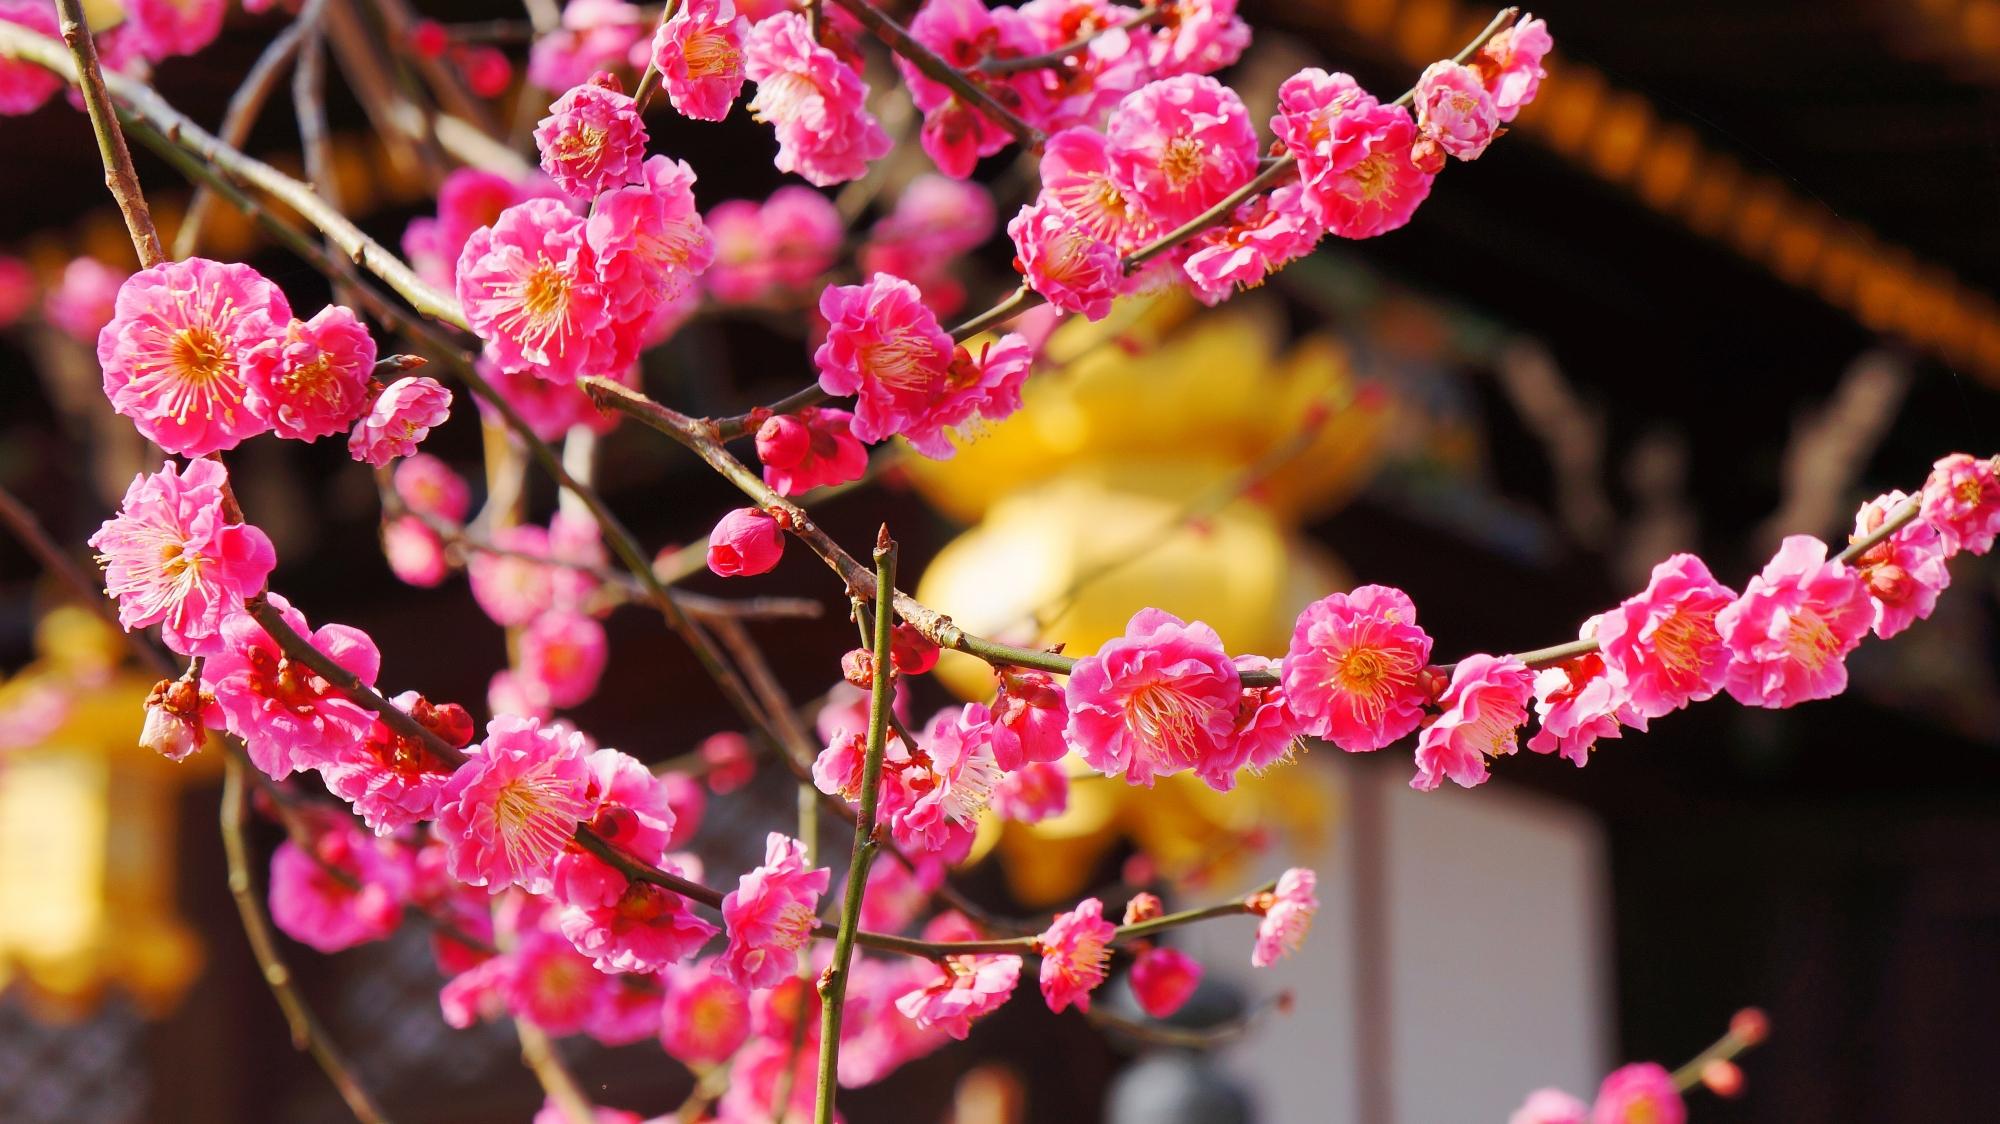 社殿と吊るし灯篭を背景にした絵になる美しい梅の花